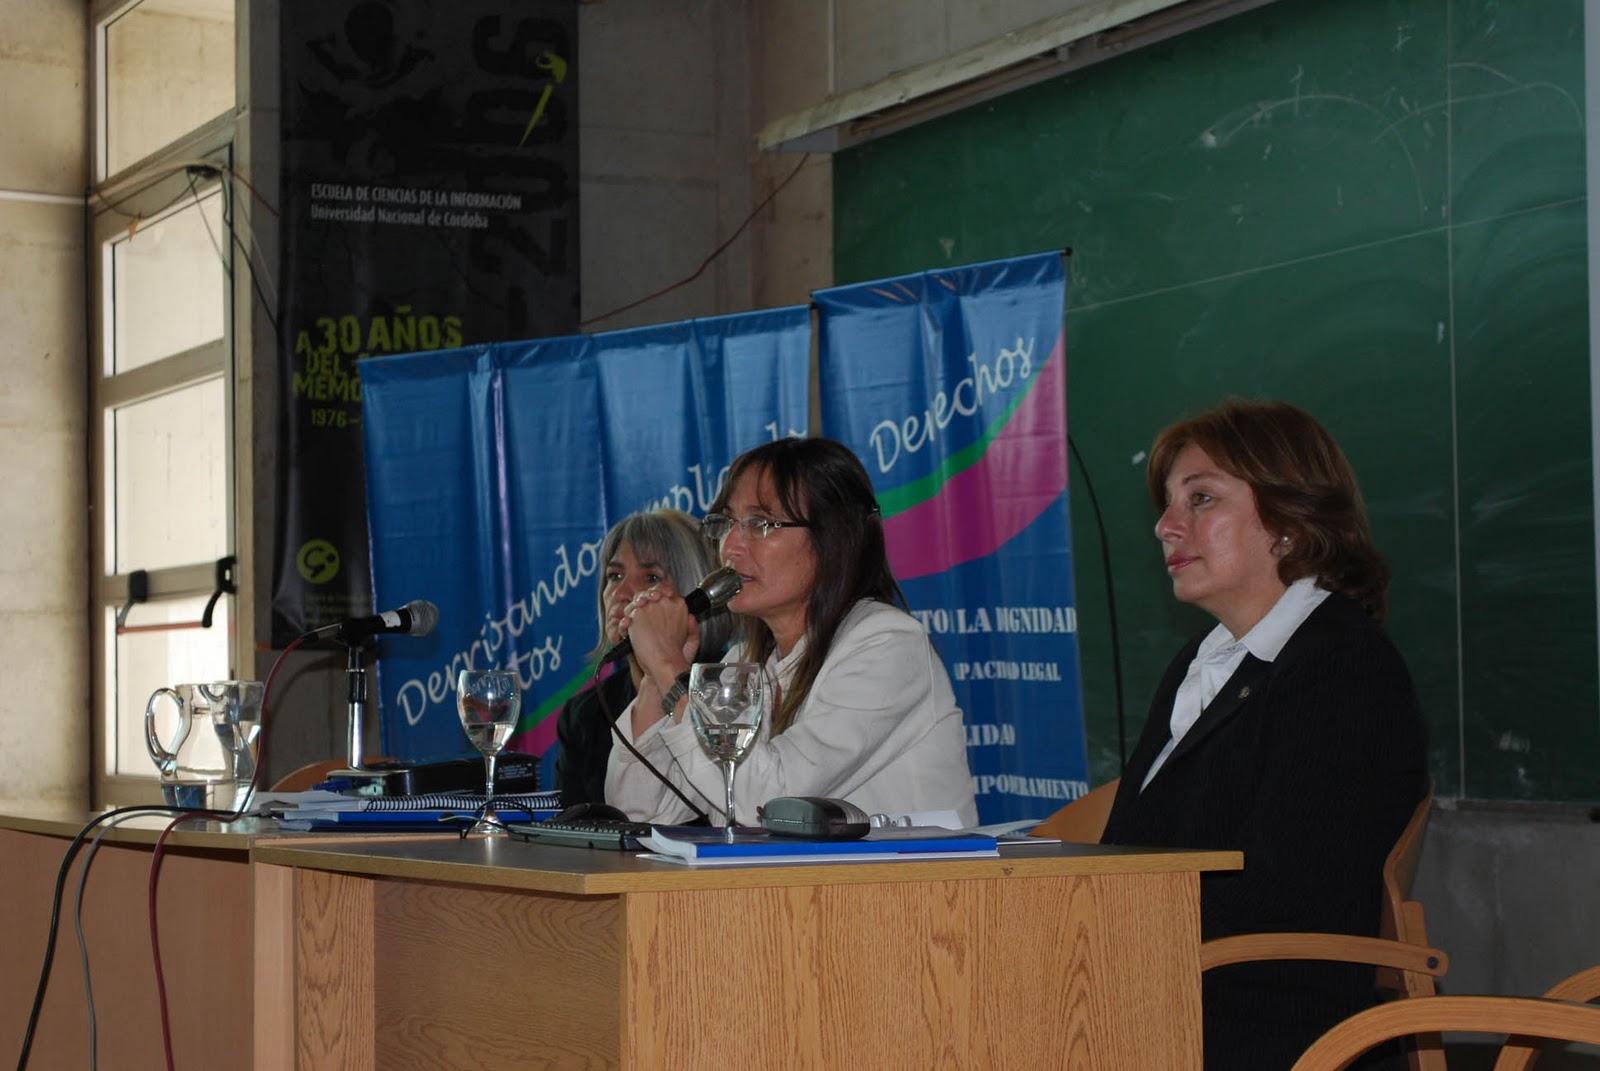 Pamela sanchez y un espontaneo del publico - 2 part 7